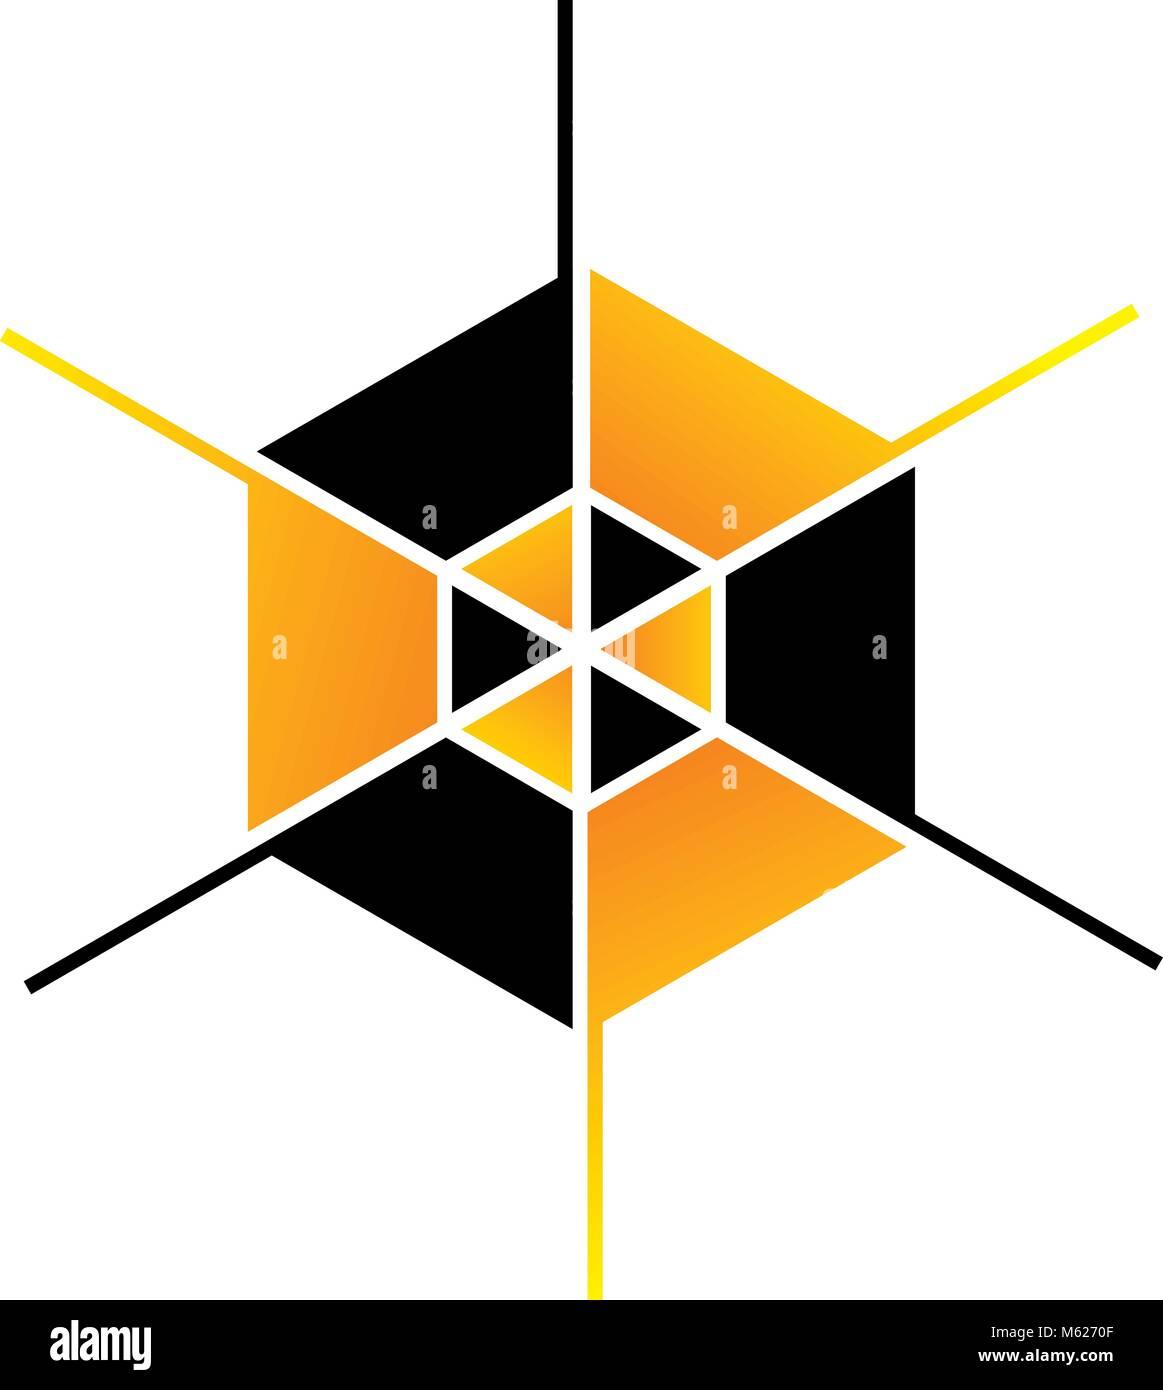 Hexagon Logo Design Template Vector - Stock Vector